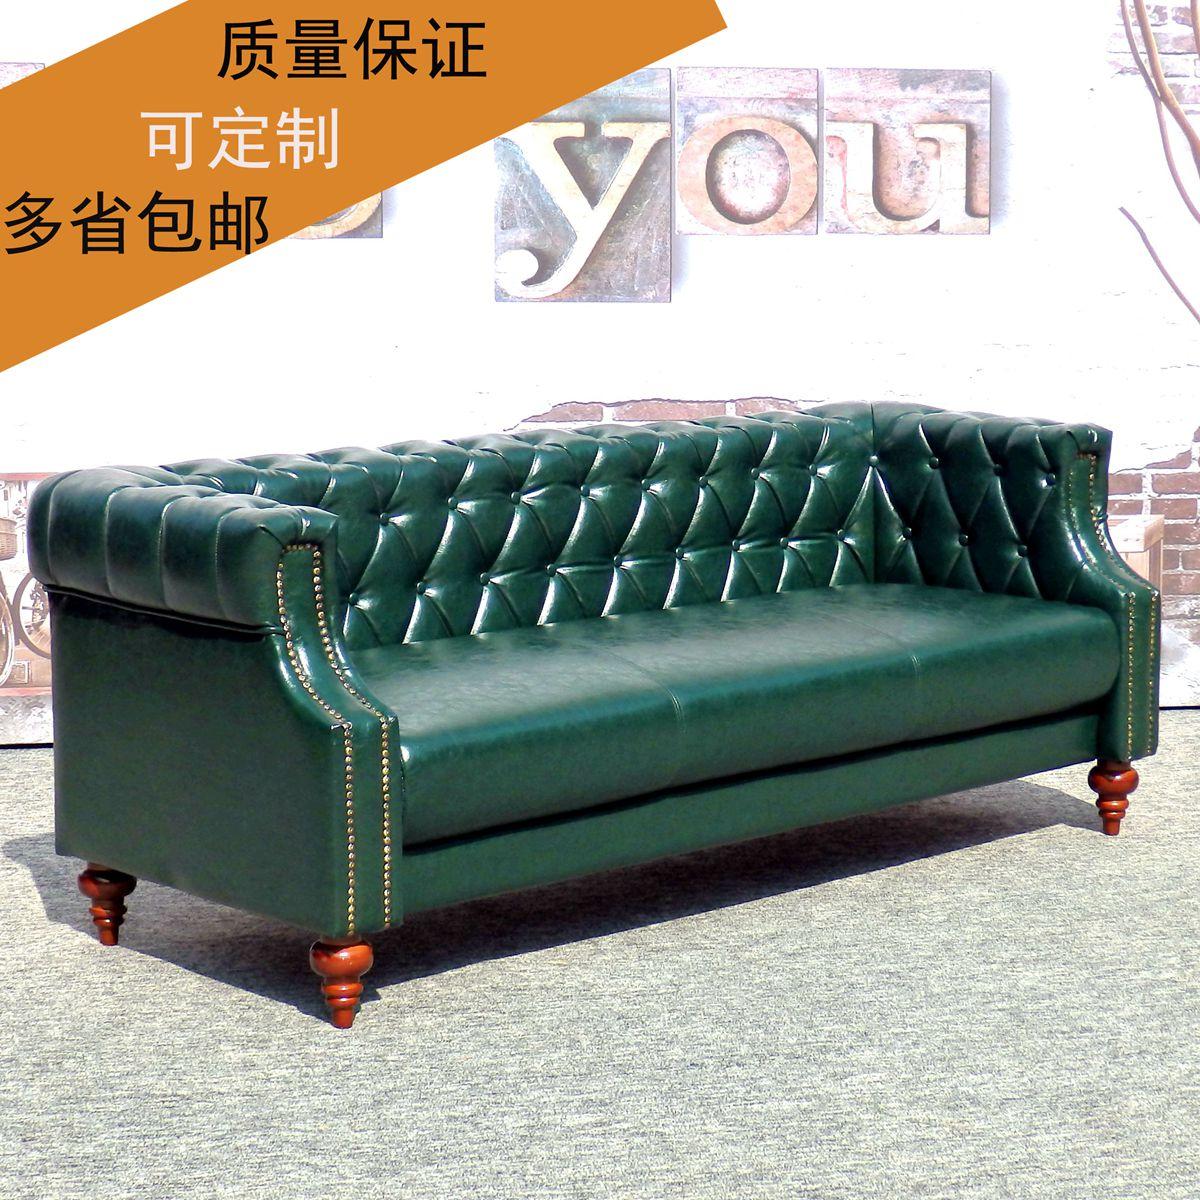 定制真皮沙发